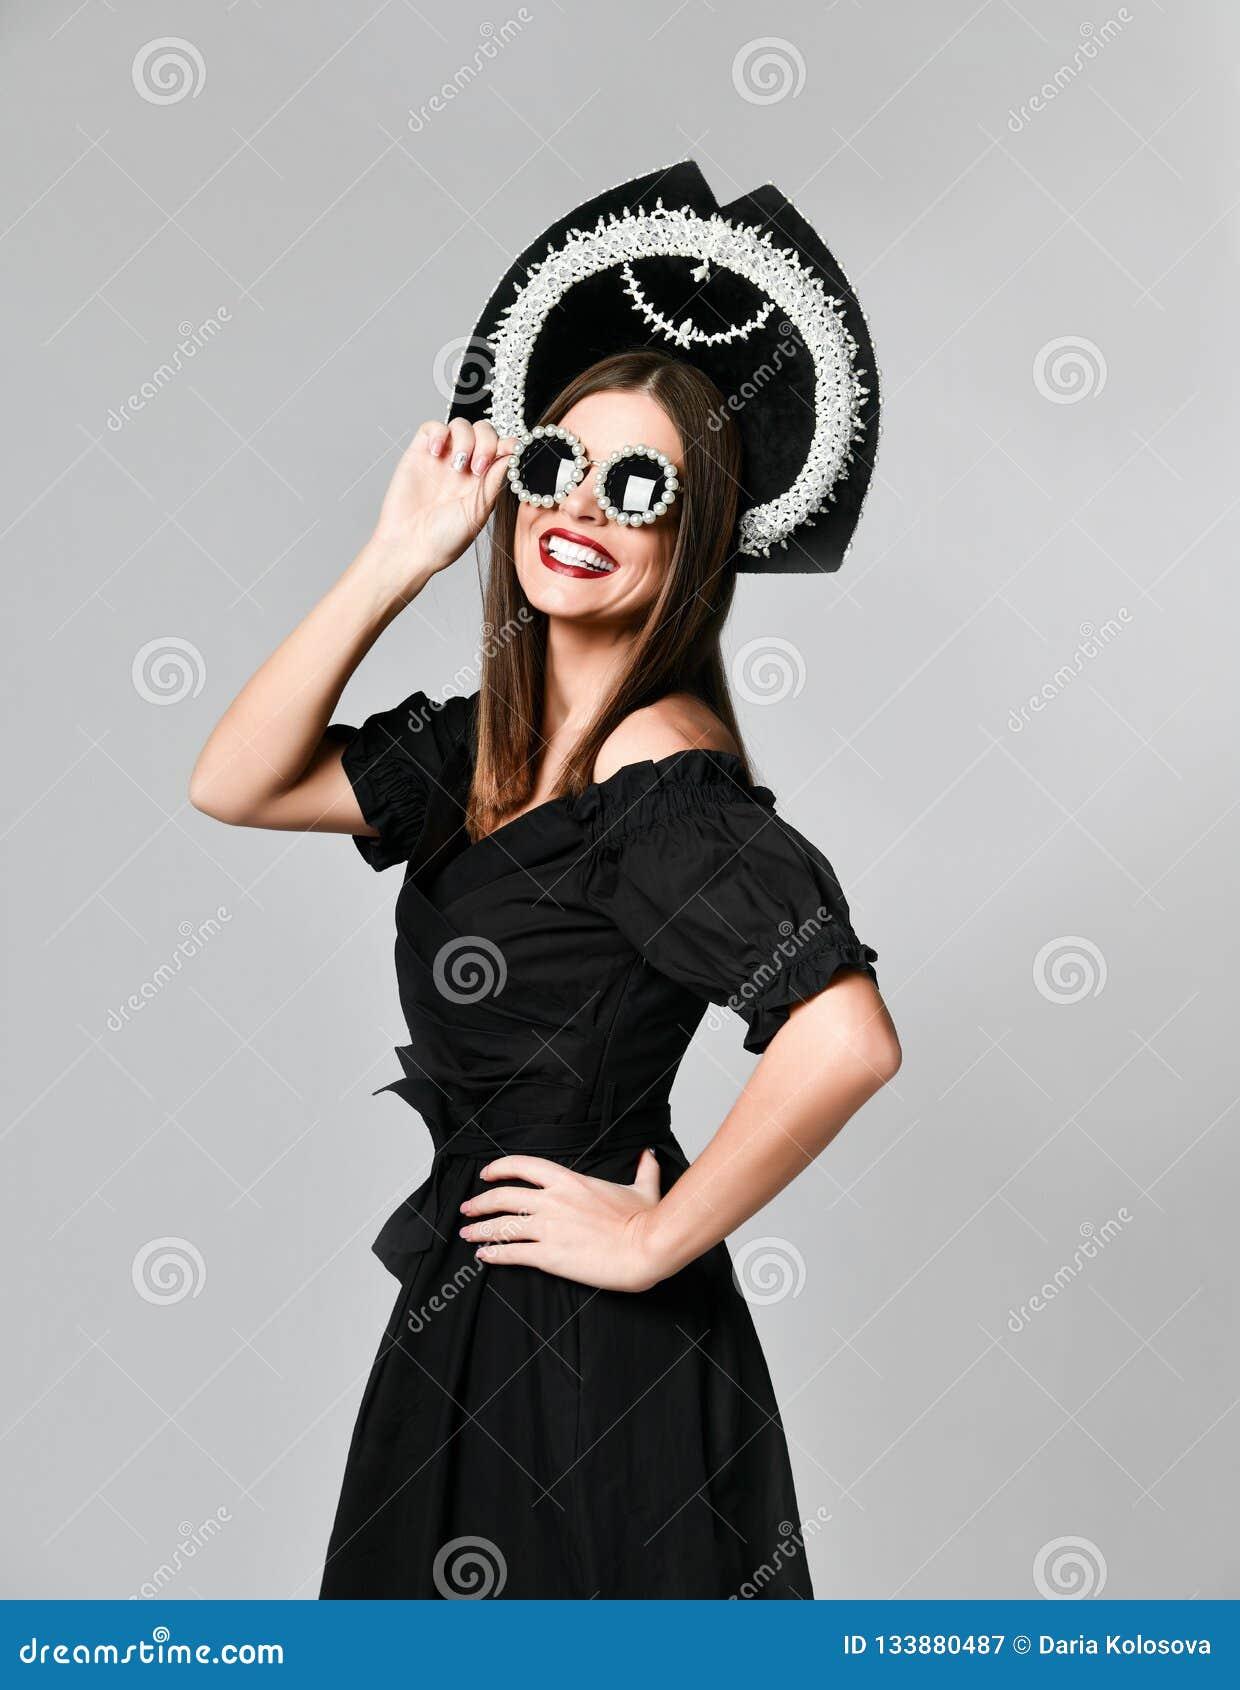 Eleganz und Art Studioporträt der herrlichen jungen Frau in der kleinen Schwarze, die gegen gelben Hintergrund aufwirft